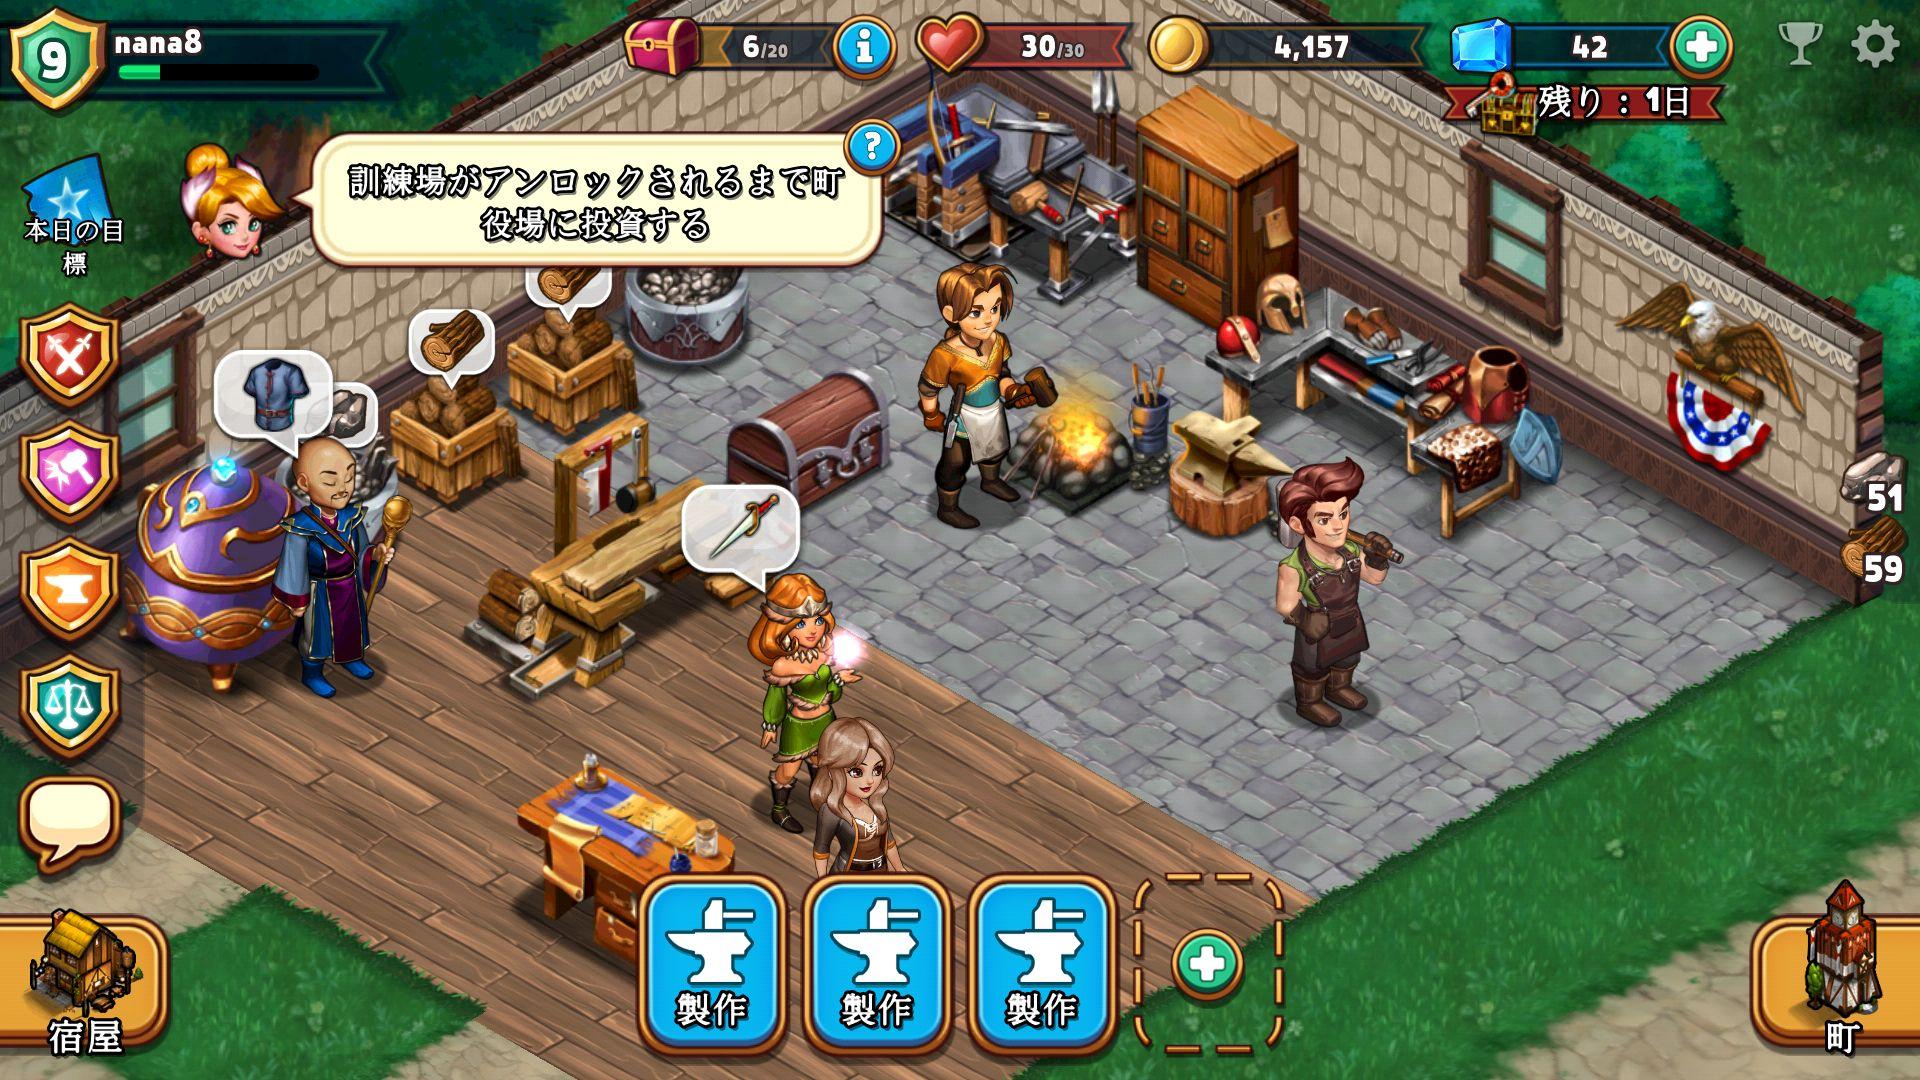 ショップヒーローズ(Shop Heroes) androidアプリスクリーンショット1